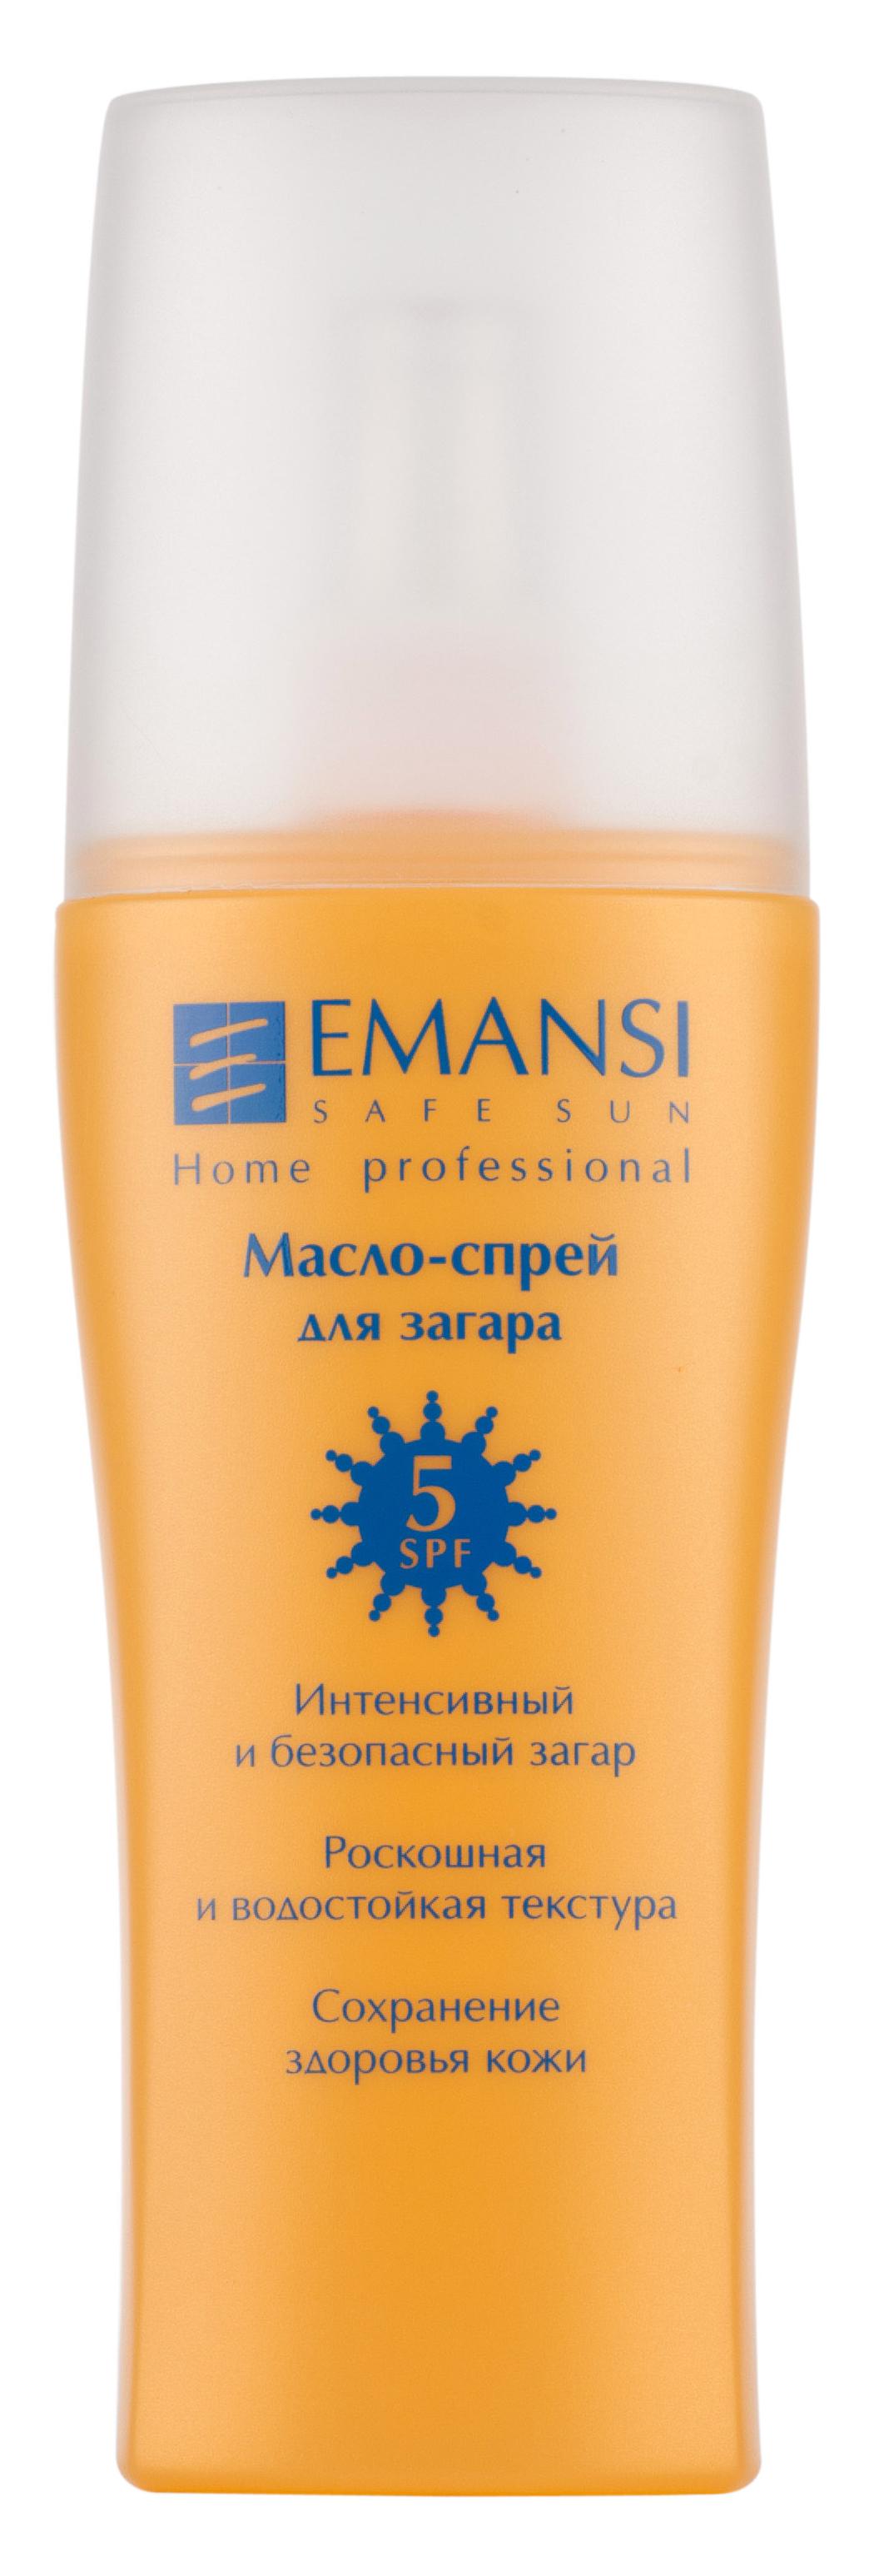 Emansi Масло-спрей для загара Safe sun SPF 5, 150 мл3328 - Интенсивный и безопасный загар - Роскошная и водостойкая текстура - Сохранение здоровья кожи - Специальный состав, включающий СО2 экстракт зверобоя, способствуют более быстрому и ровному загару - Устойчиво к действию воды и пота - Подходит для любой, в том числе и чувствительной кожи